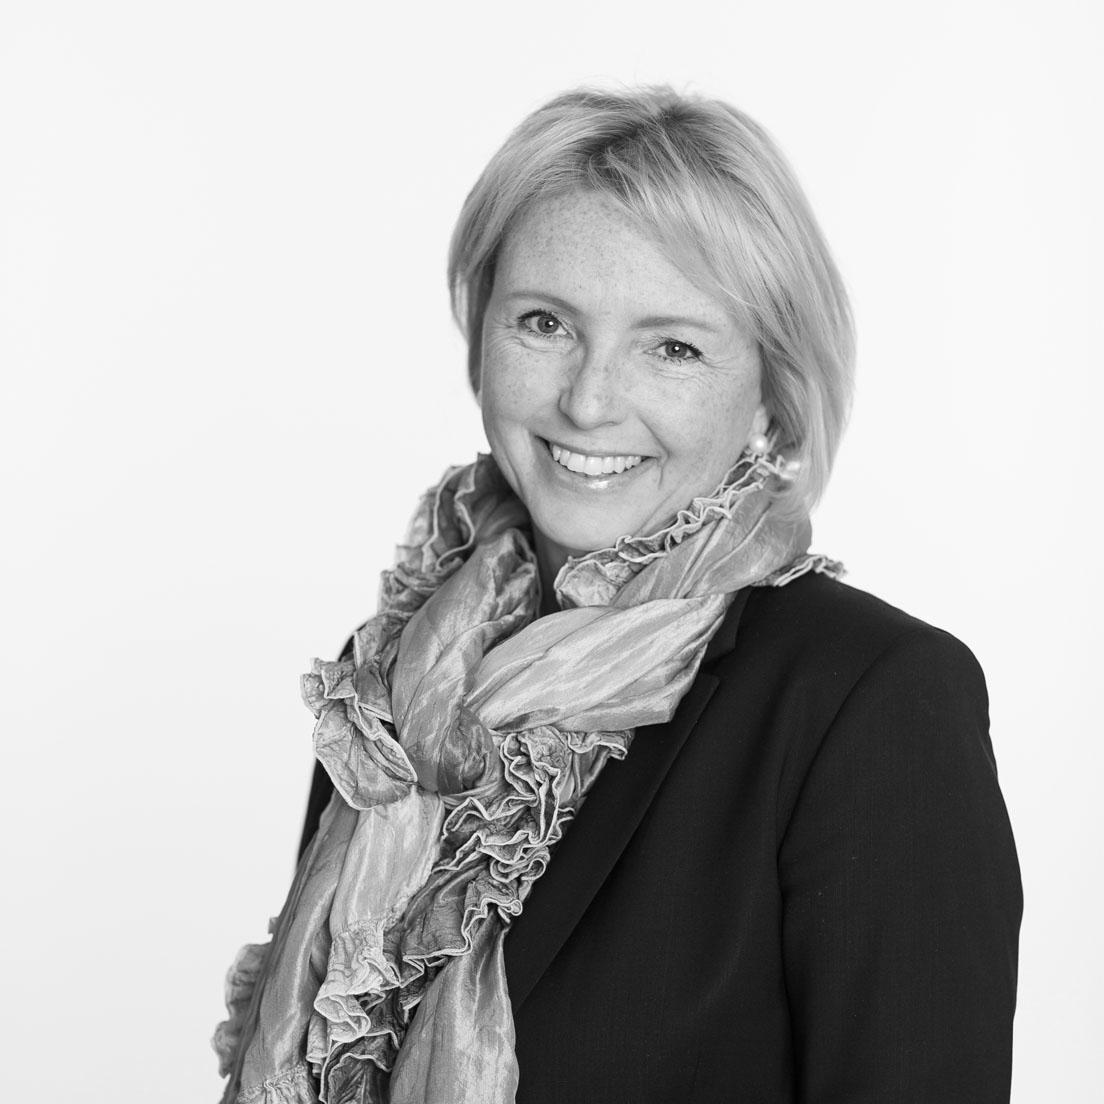 Ann-Christine Hvittfeldt